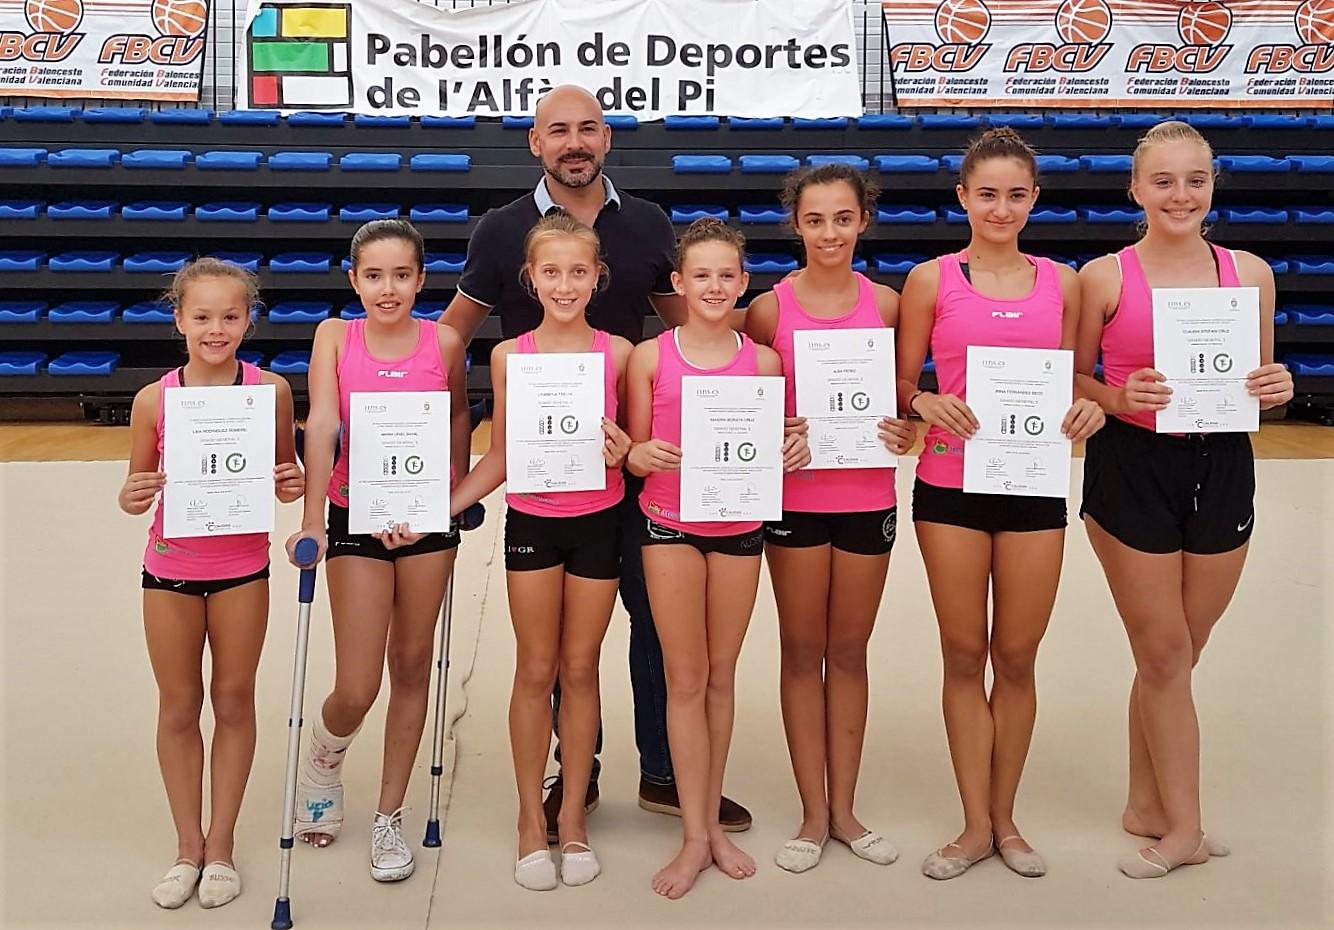 Nueve gimnastas alfasinas consiguen el diploma de grados de evolución deportiva de la Federación Española de Gimnasia